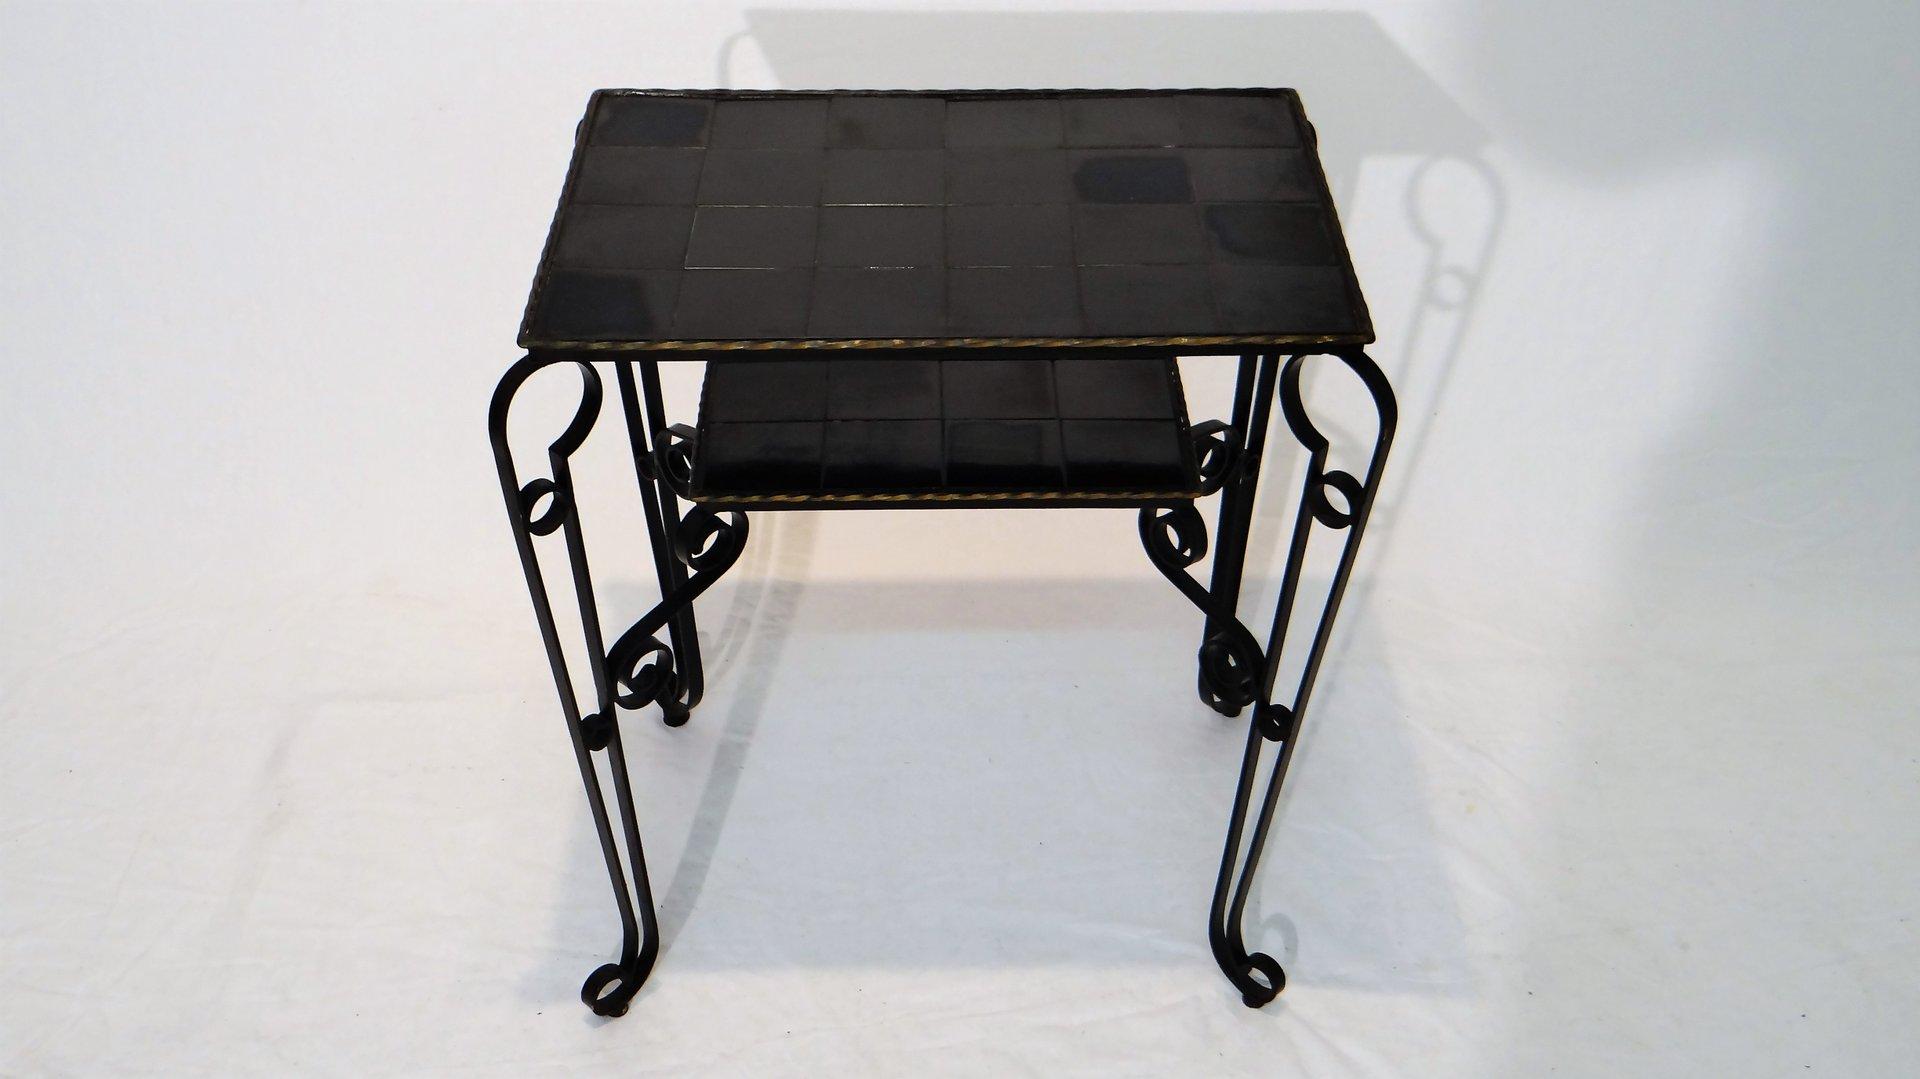 Tavolino vintage con mattonelle nere e gambe in ferro in vendita